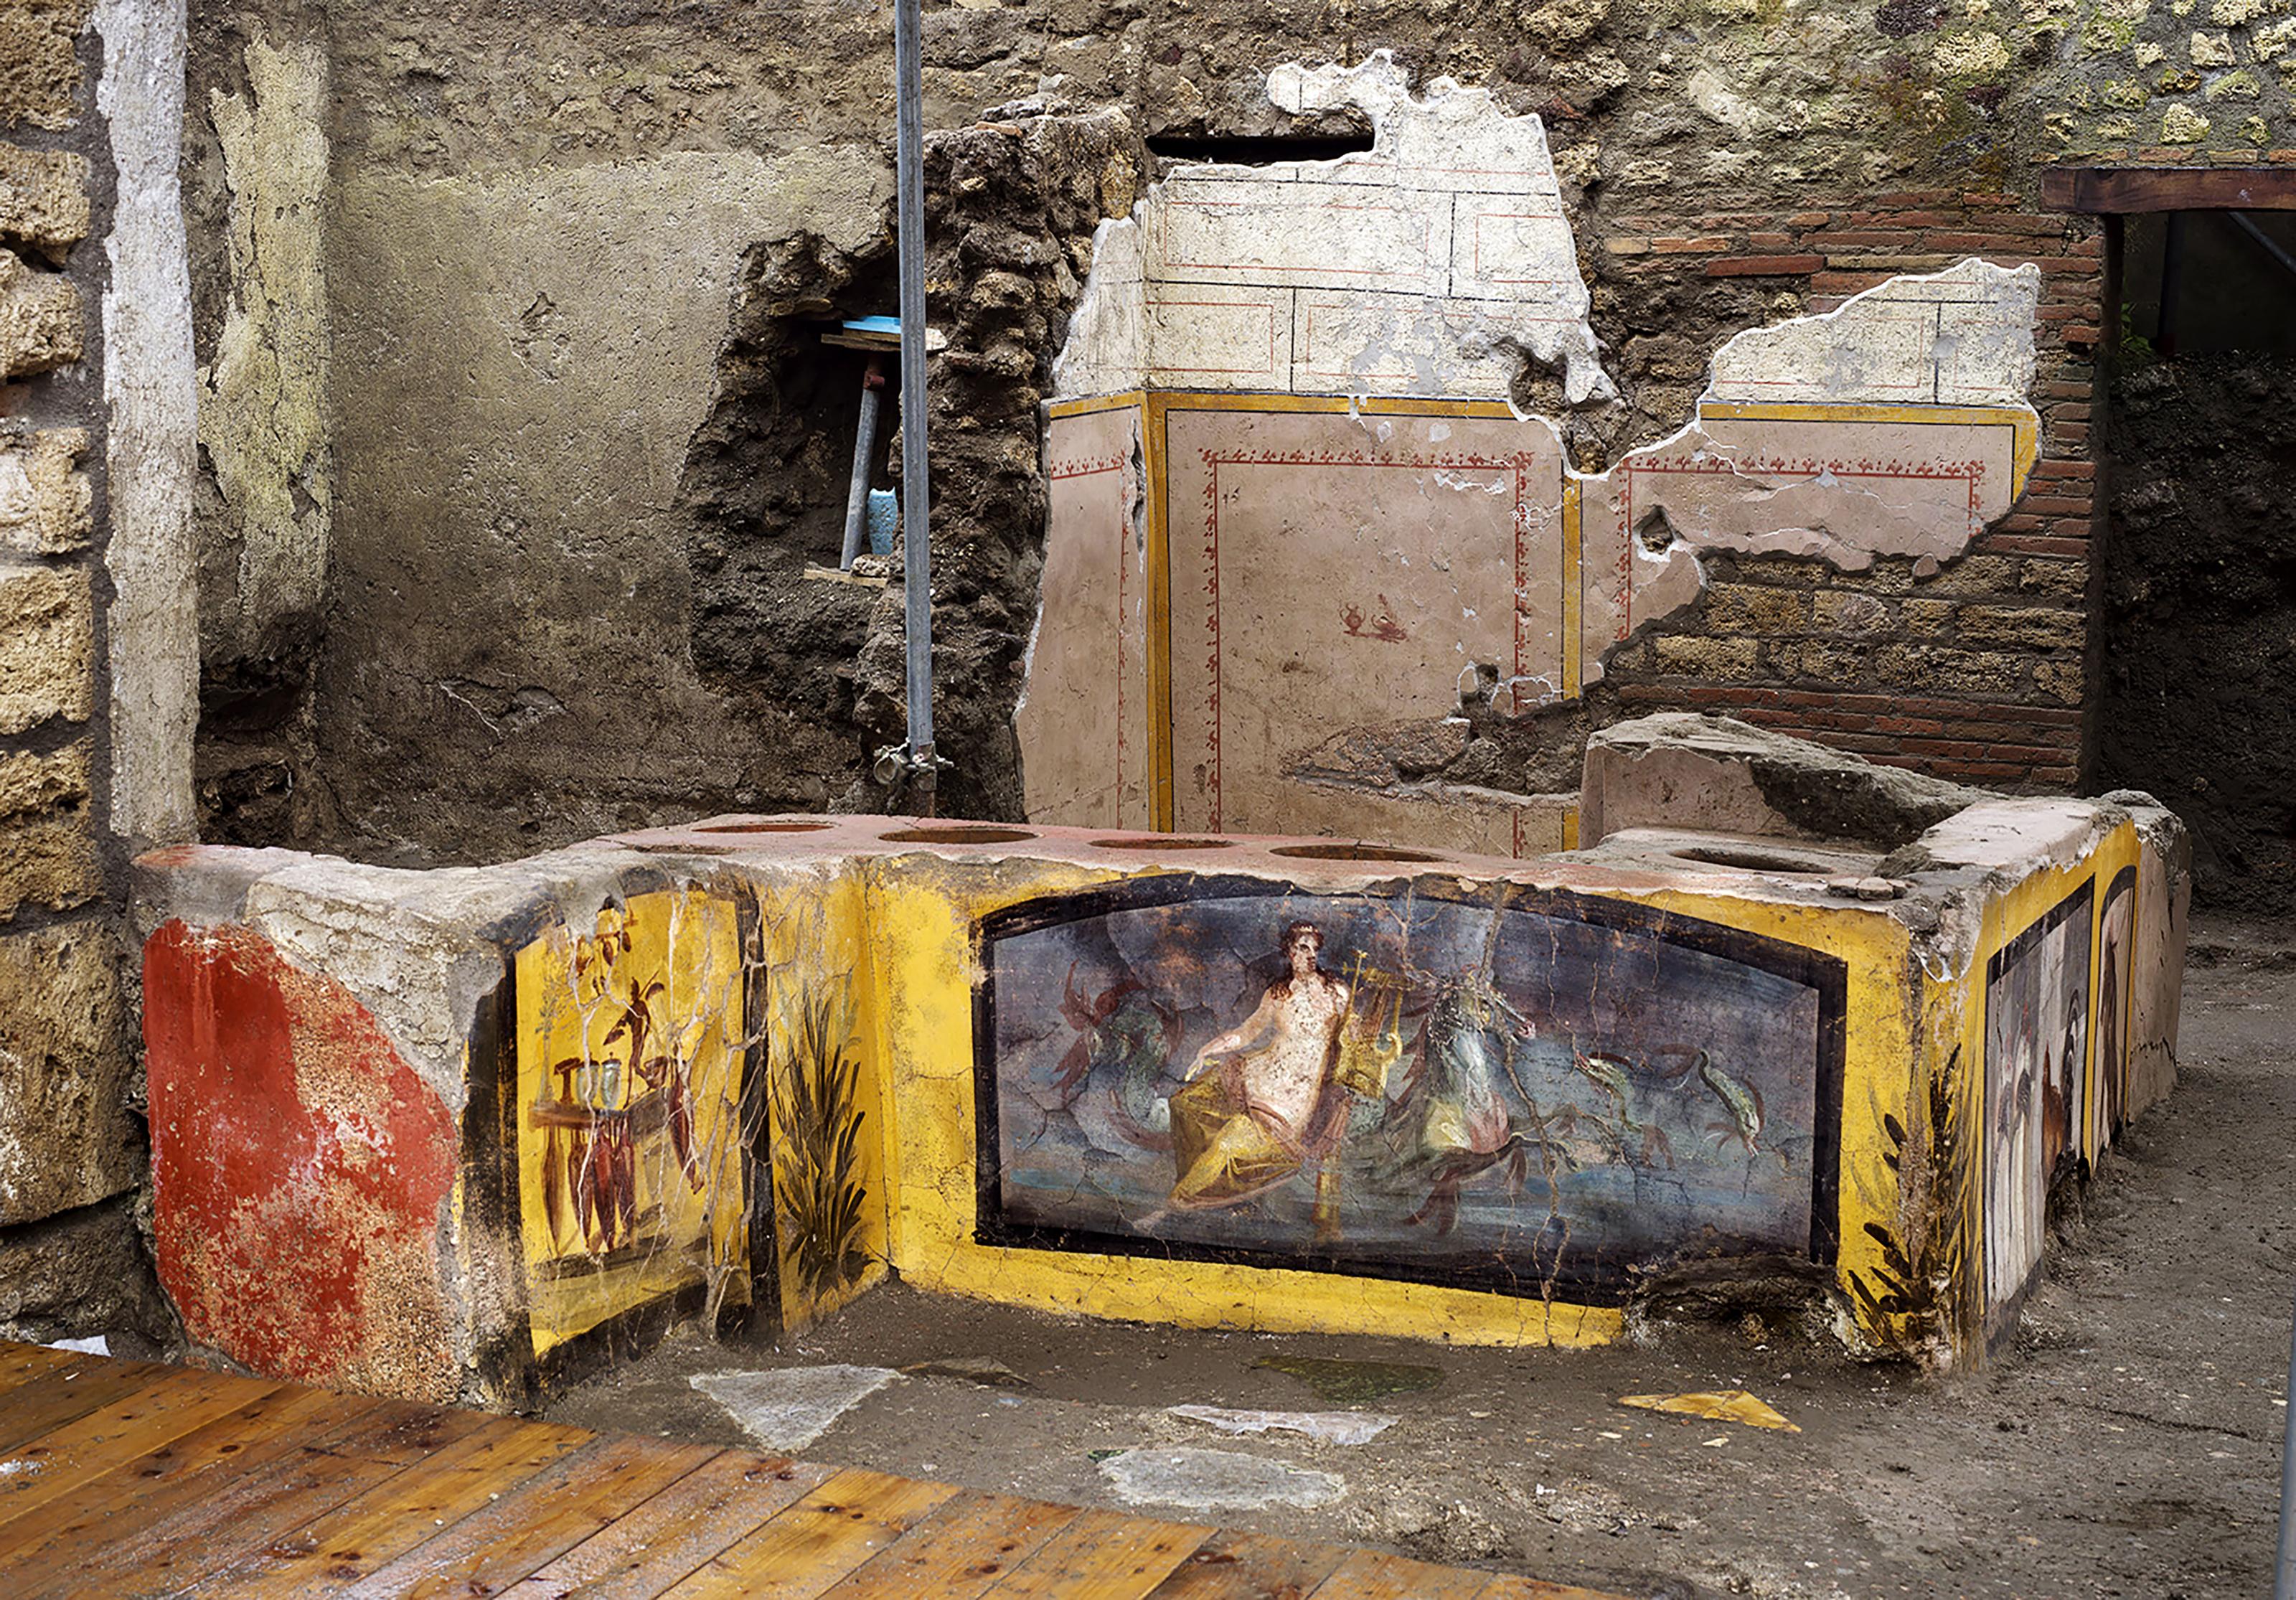 Töltött sült pelét és halolajas desszertet is ettek az ókori Rómában